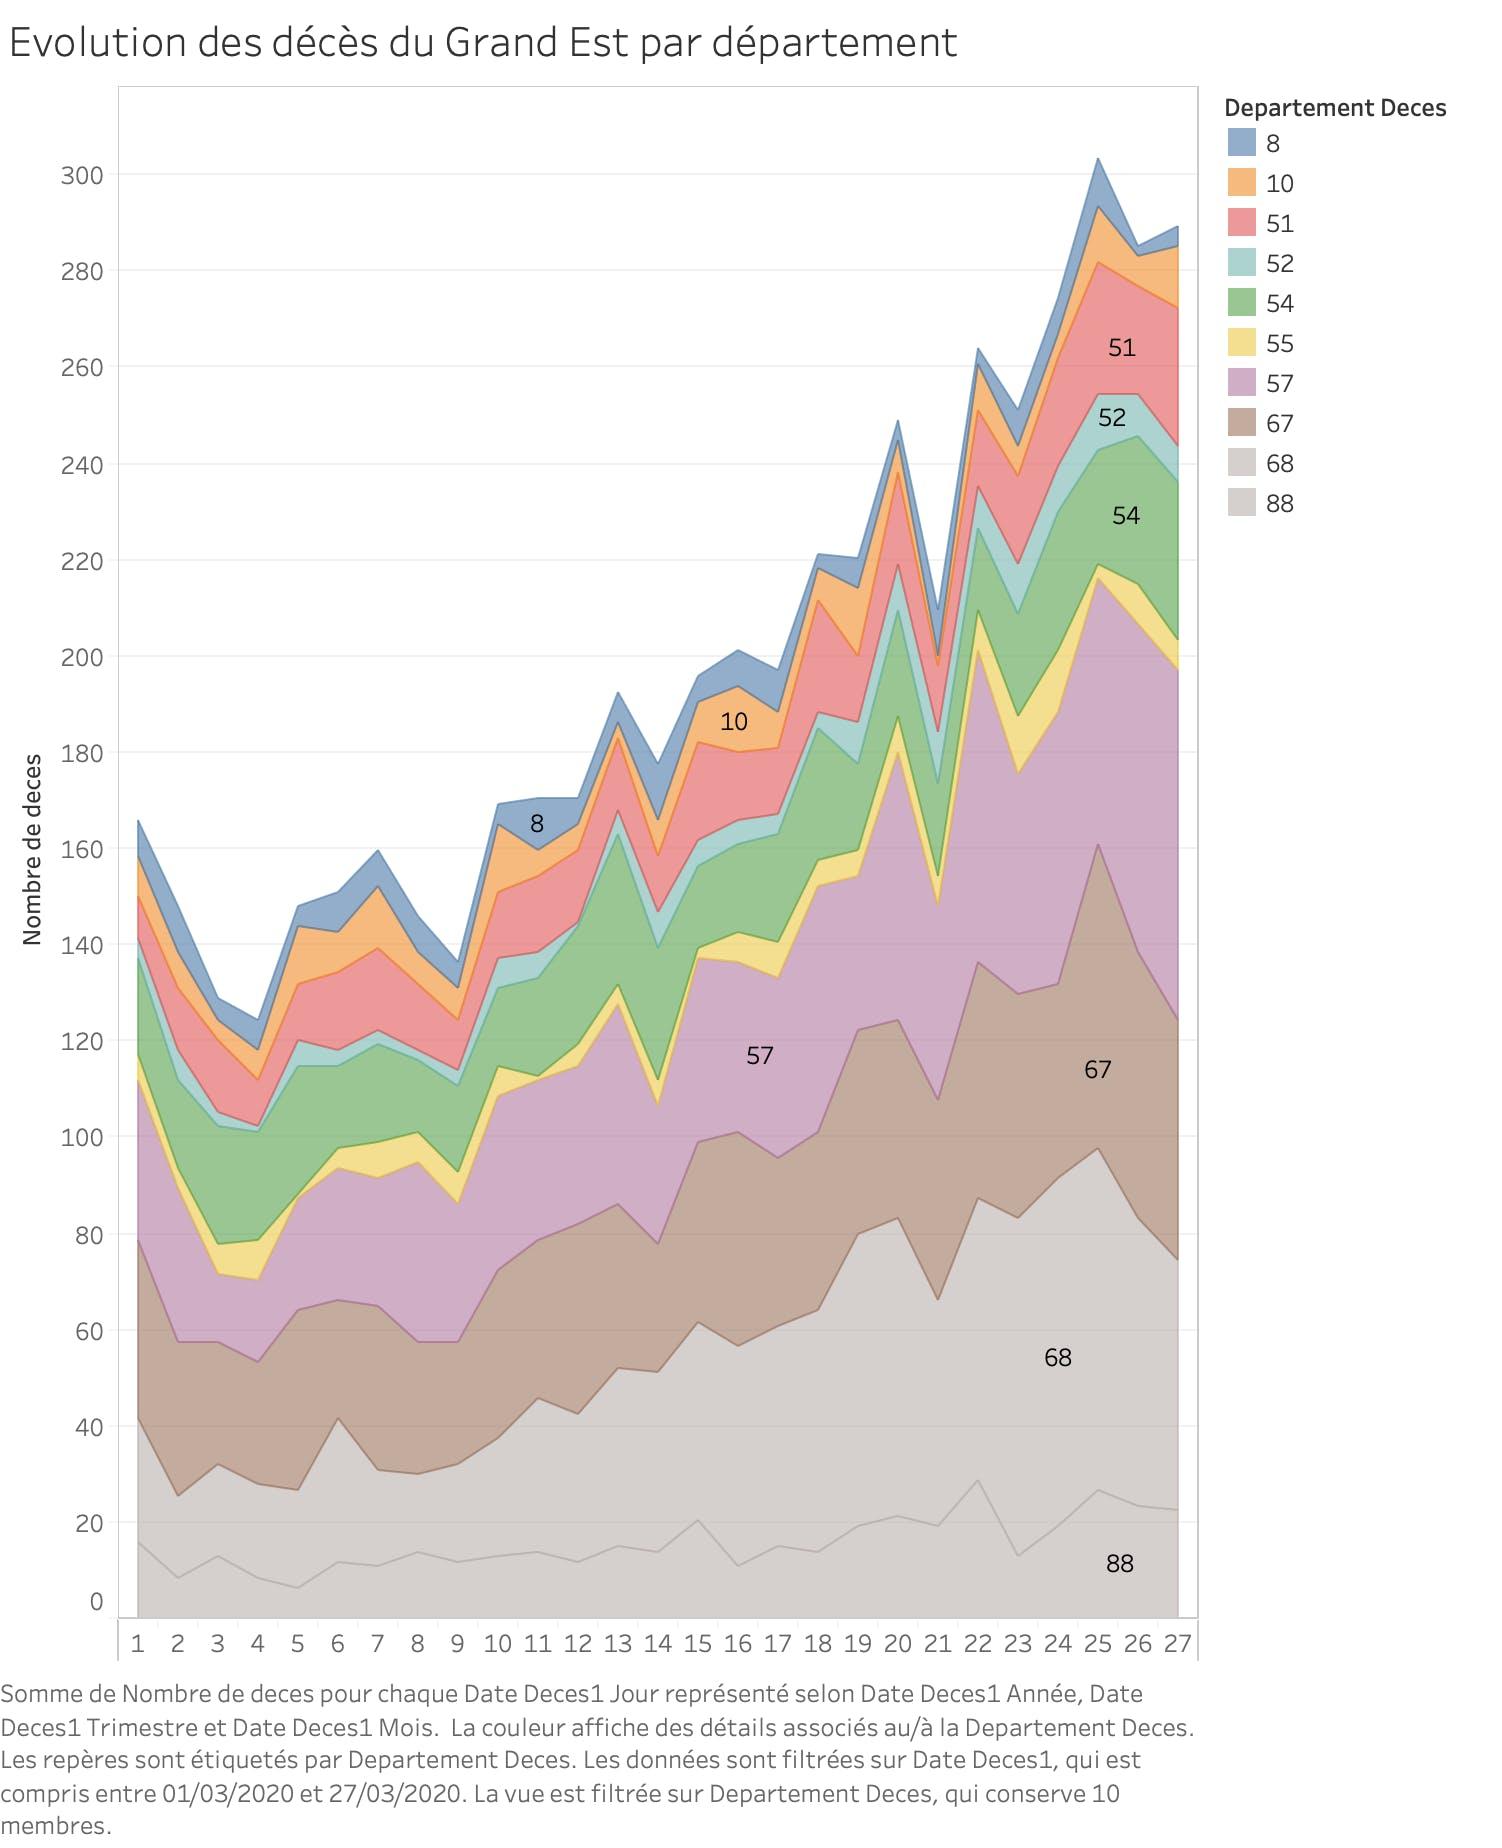 Evolution des décès dans l'Est de la France par département